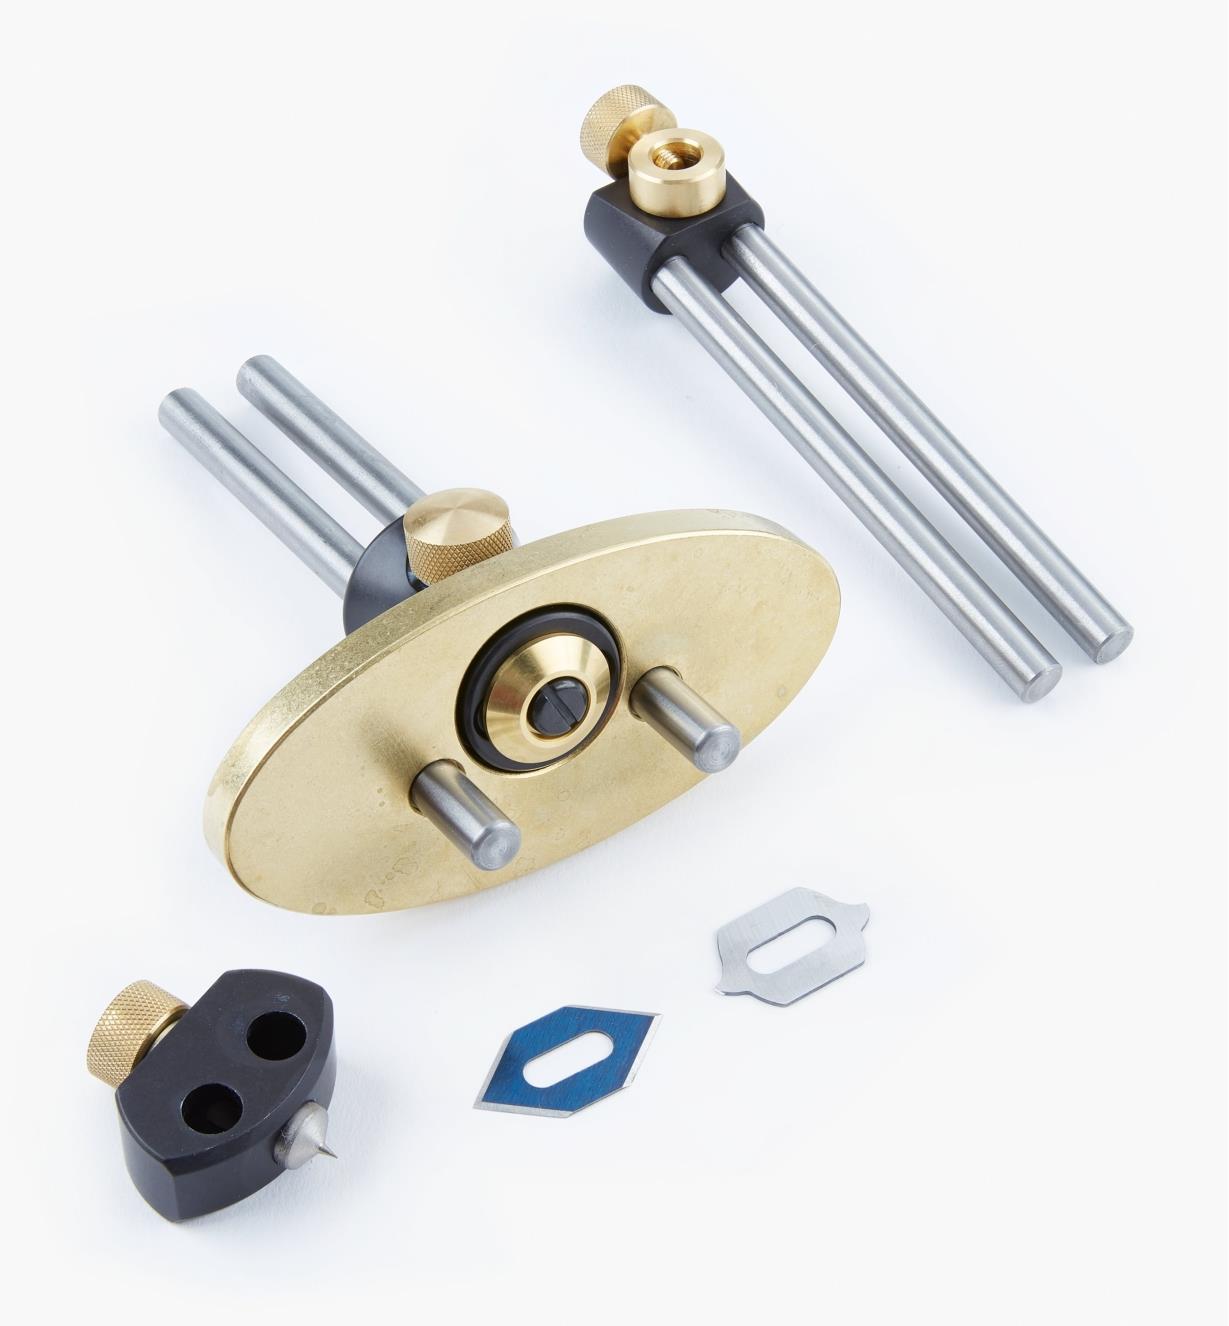 05K1122 - Couteau pour incrustation, pointe de compas et porte-crayon